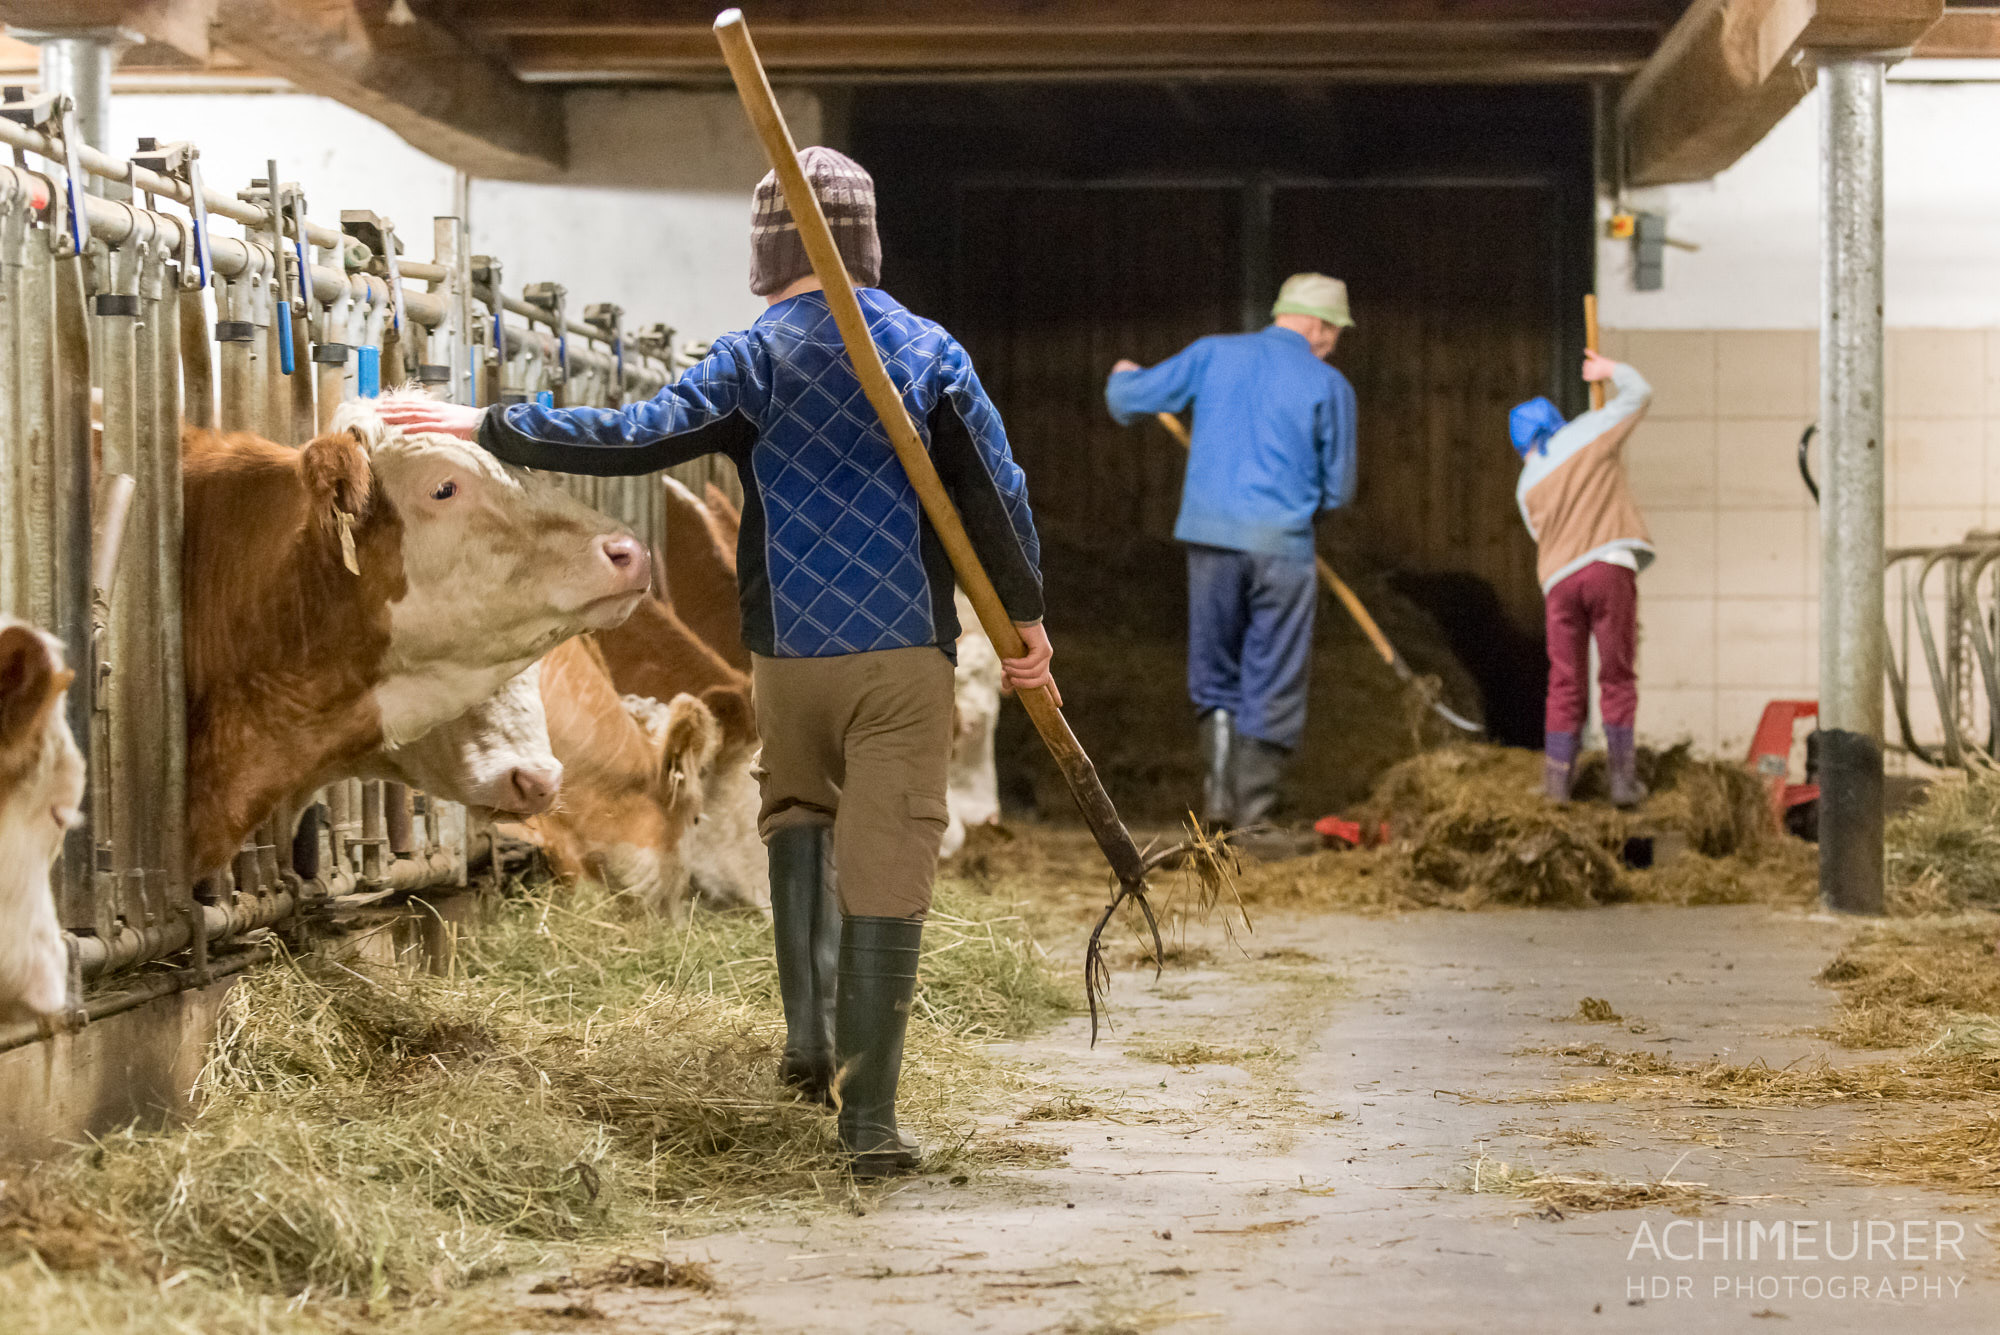 Der Nachwuchsbauer streichelt im Vorbeigehen seine Kühe by Array.